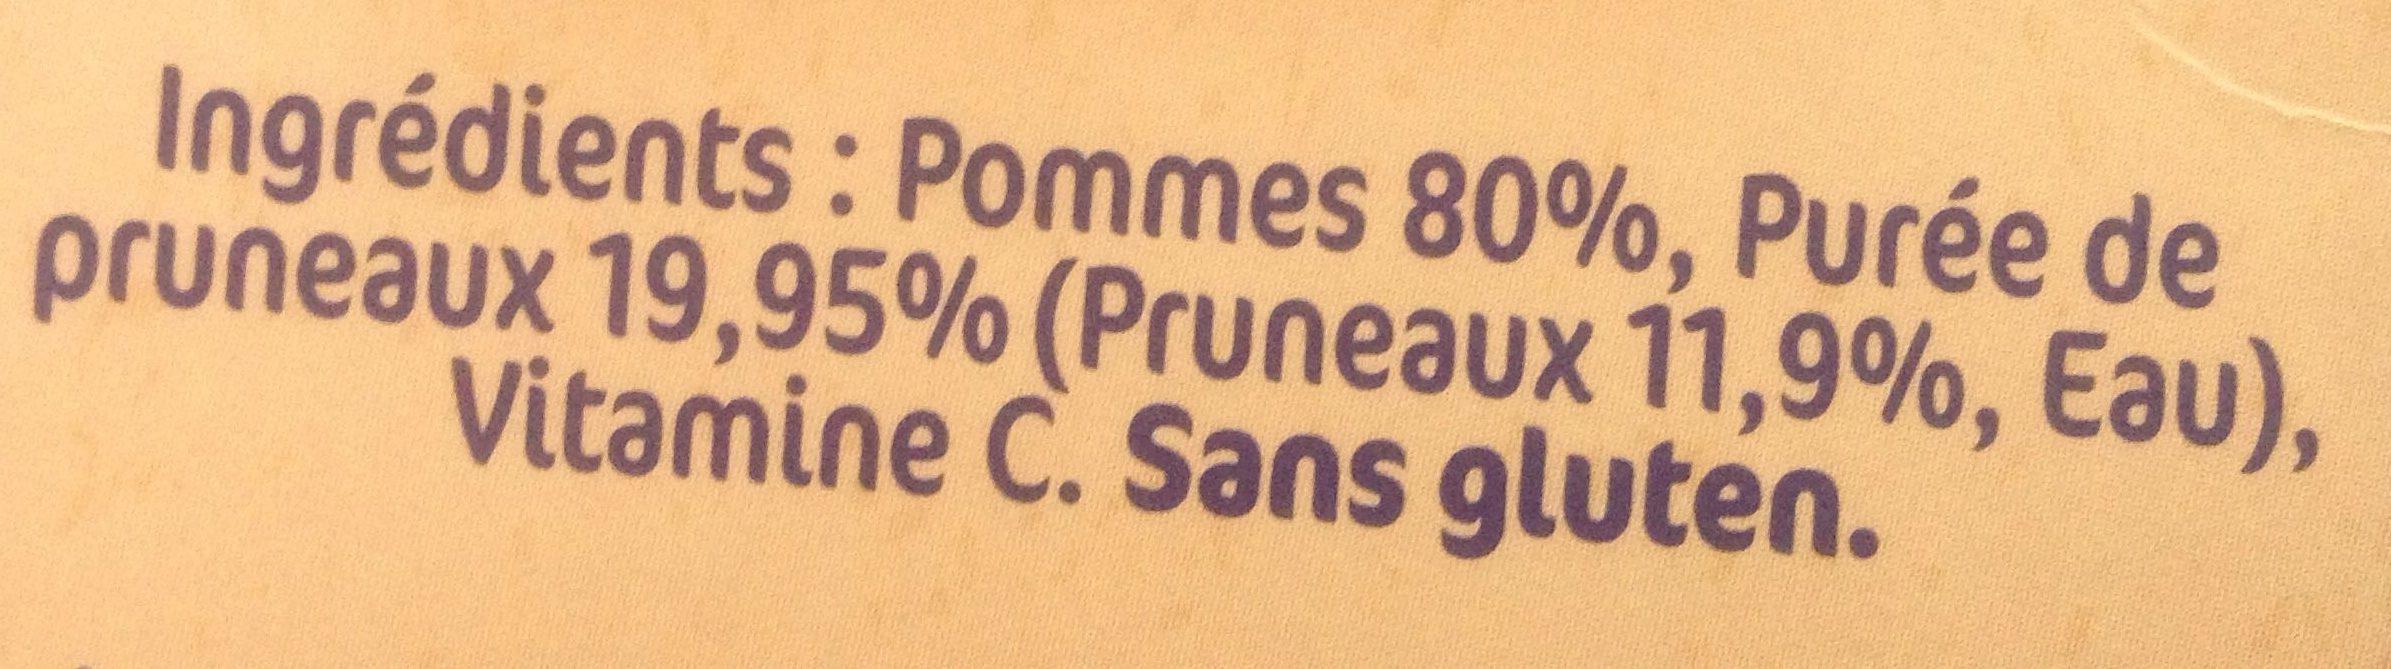 NESTLE NATURNES Compotes Bébé Pommes Pruneaux -4x130g -Dès 4/6 mois - Ingredienti - fr